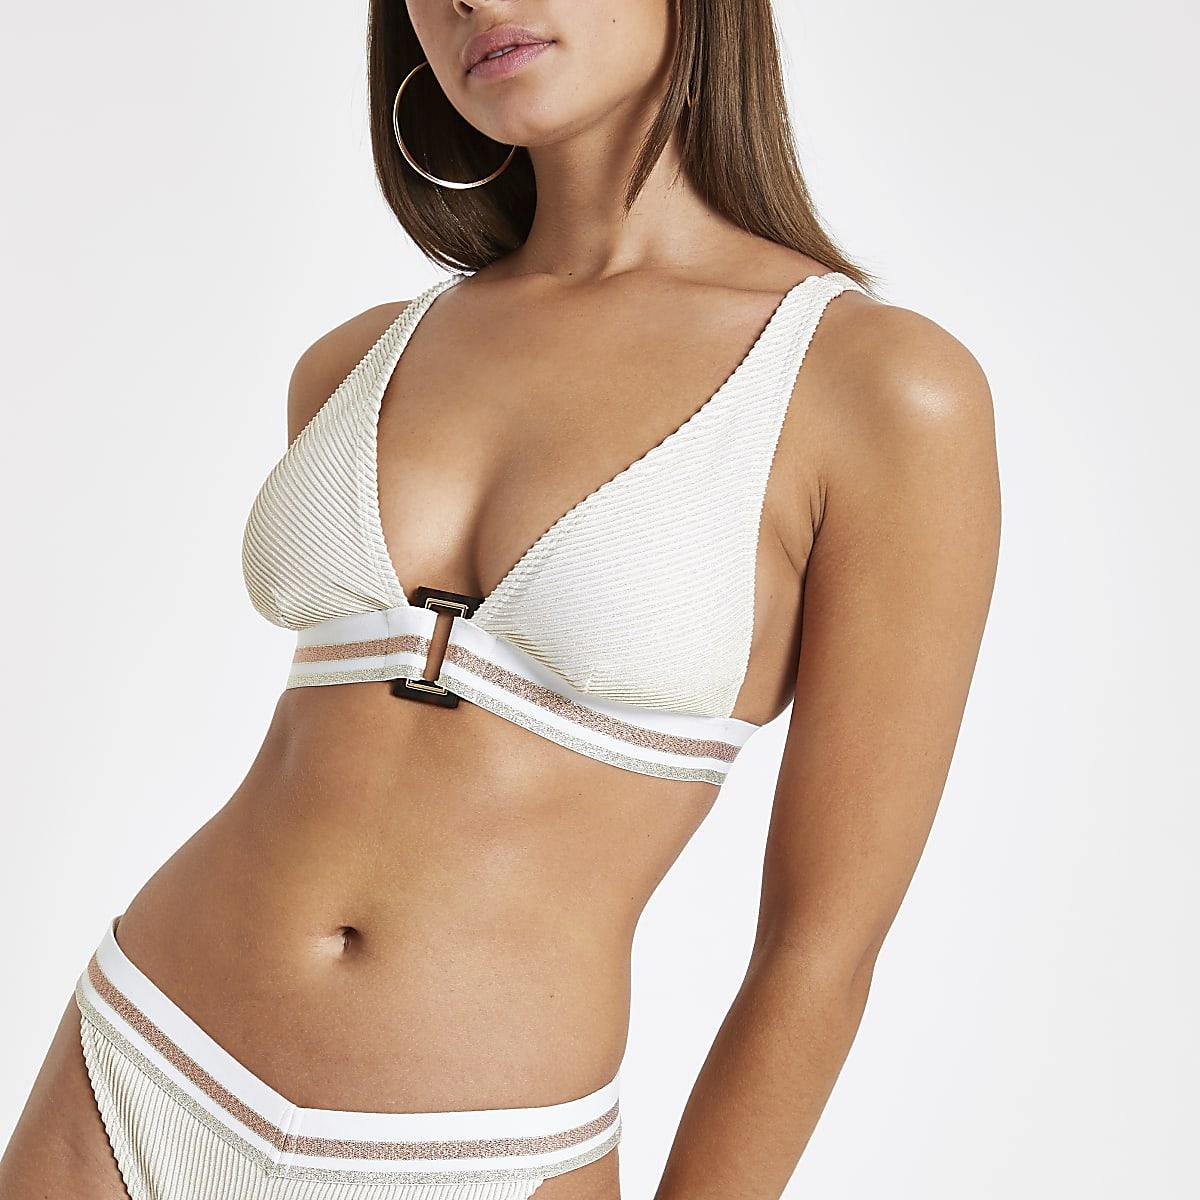 12ff257ae8 Haut de bikini triangle crème décolleté élastique Haut de bikini triangle  crème décolleté élastique ...